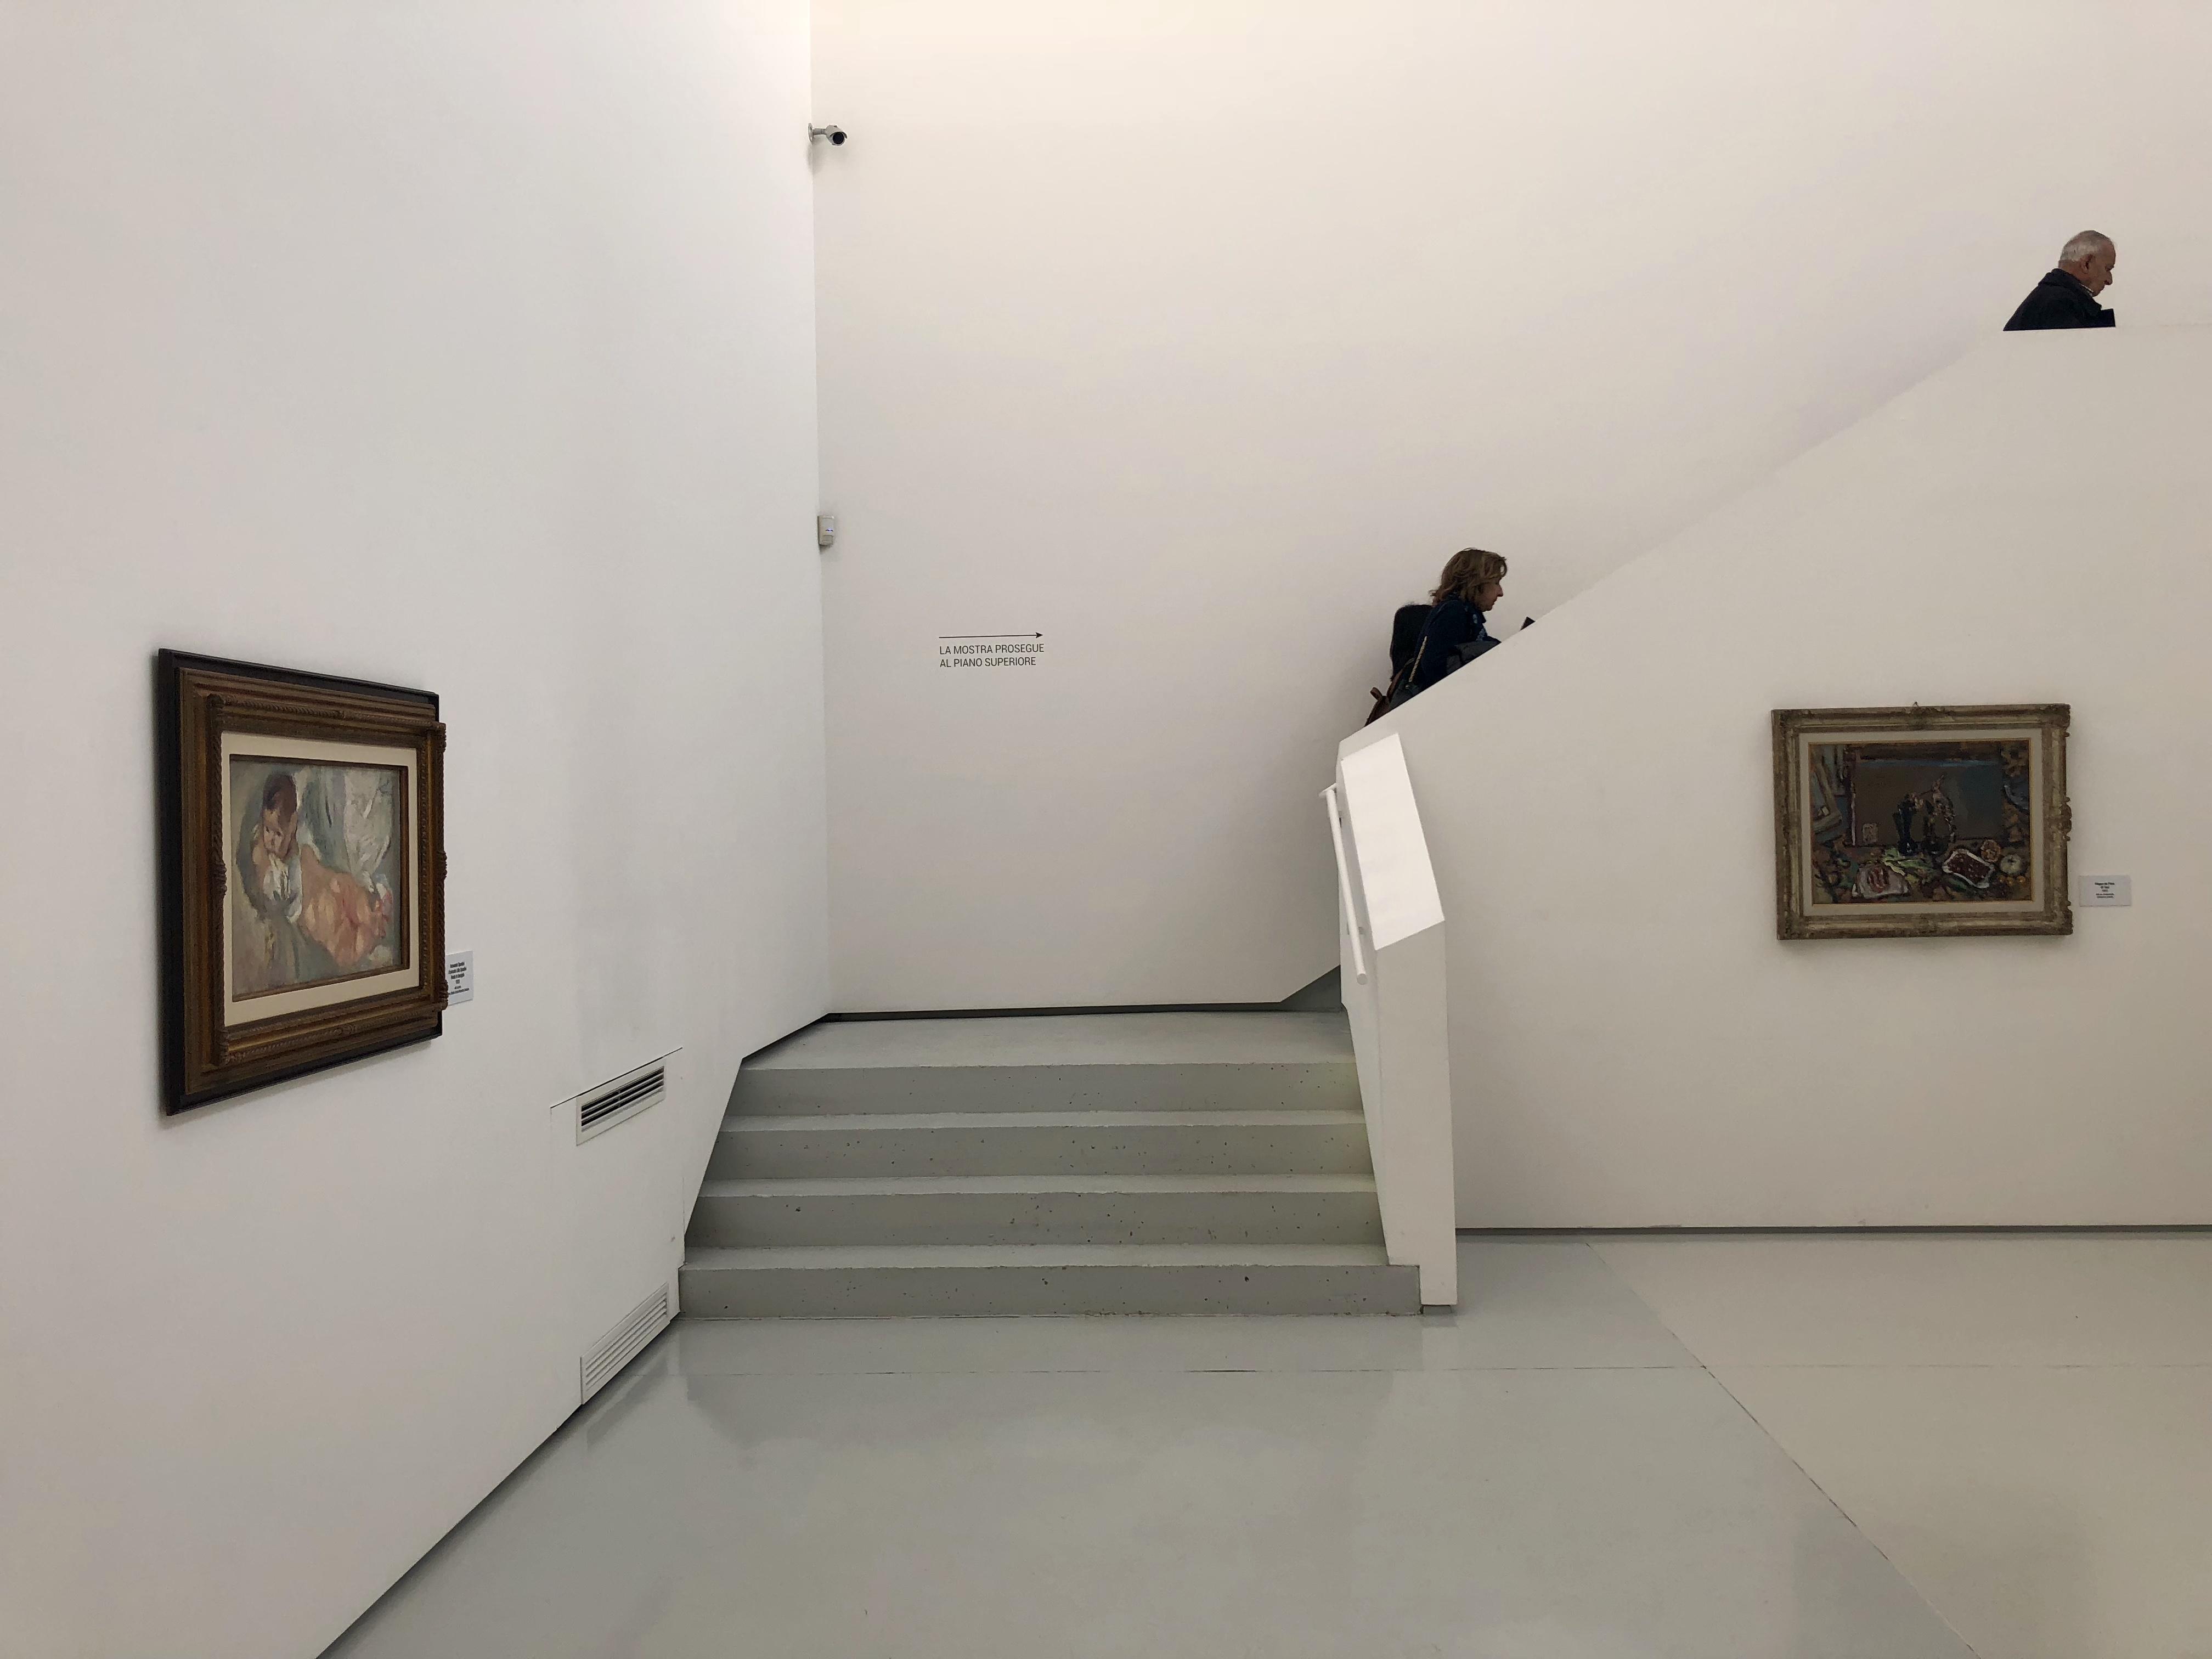 TalentiEventi_Filippo_De_Pisis_Eclettico_connoisseur_fra pittura_ musica_e_poesia_Museo_Ettore_Fico_30